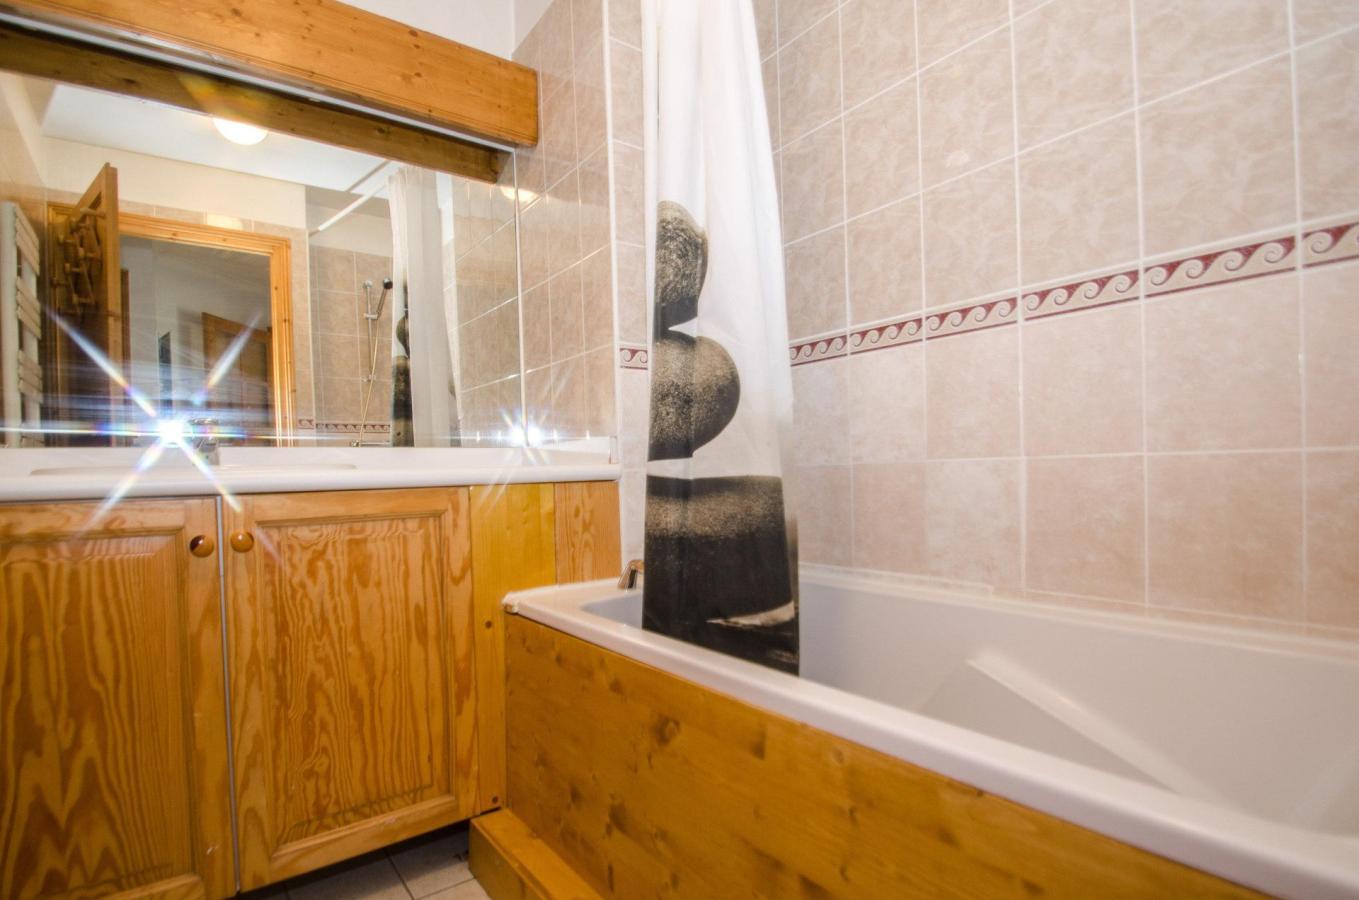 Location au ski Appartement 2 pièces 4 personnes - Residence Les Chalets Du Savoy - Colorado - Chamonix - Four